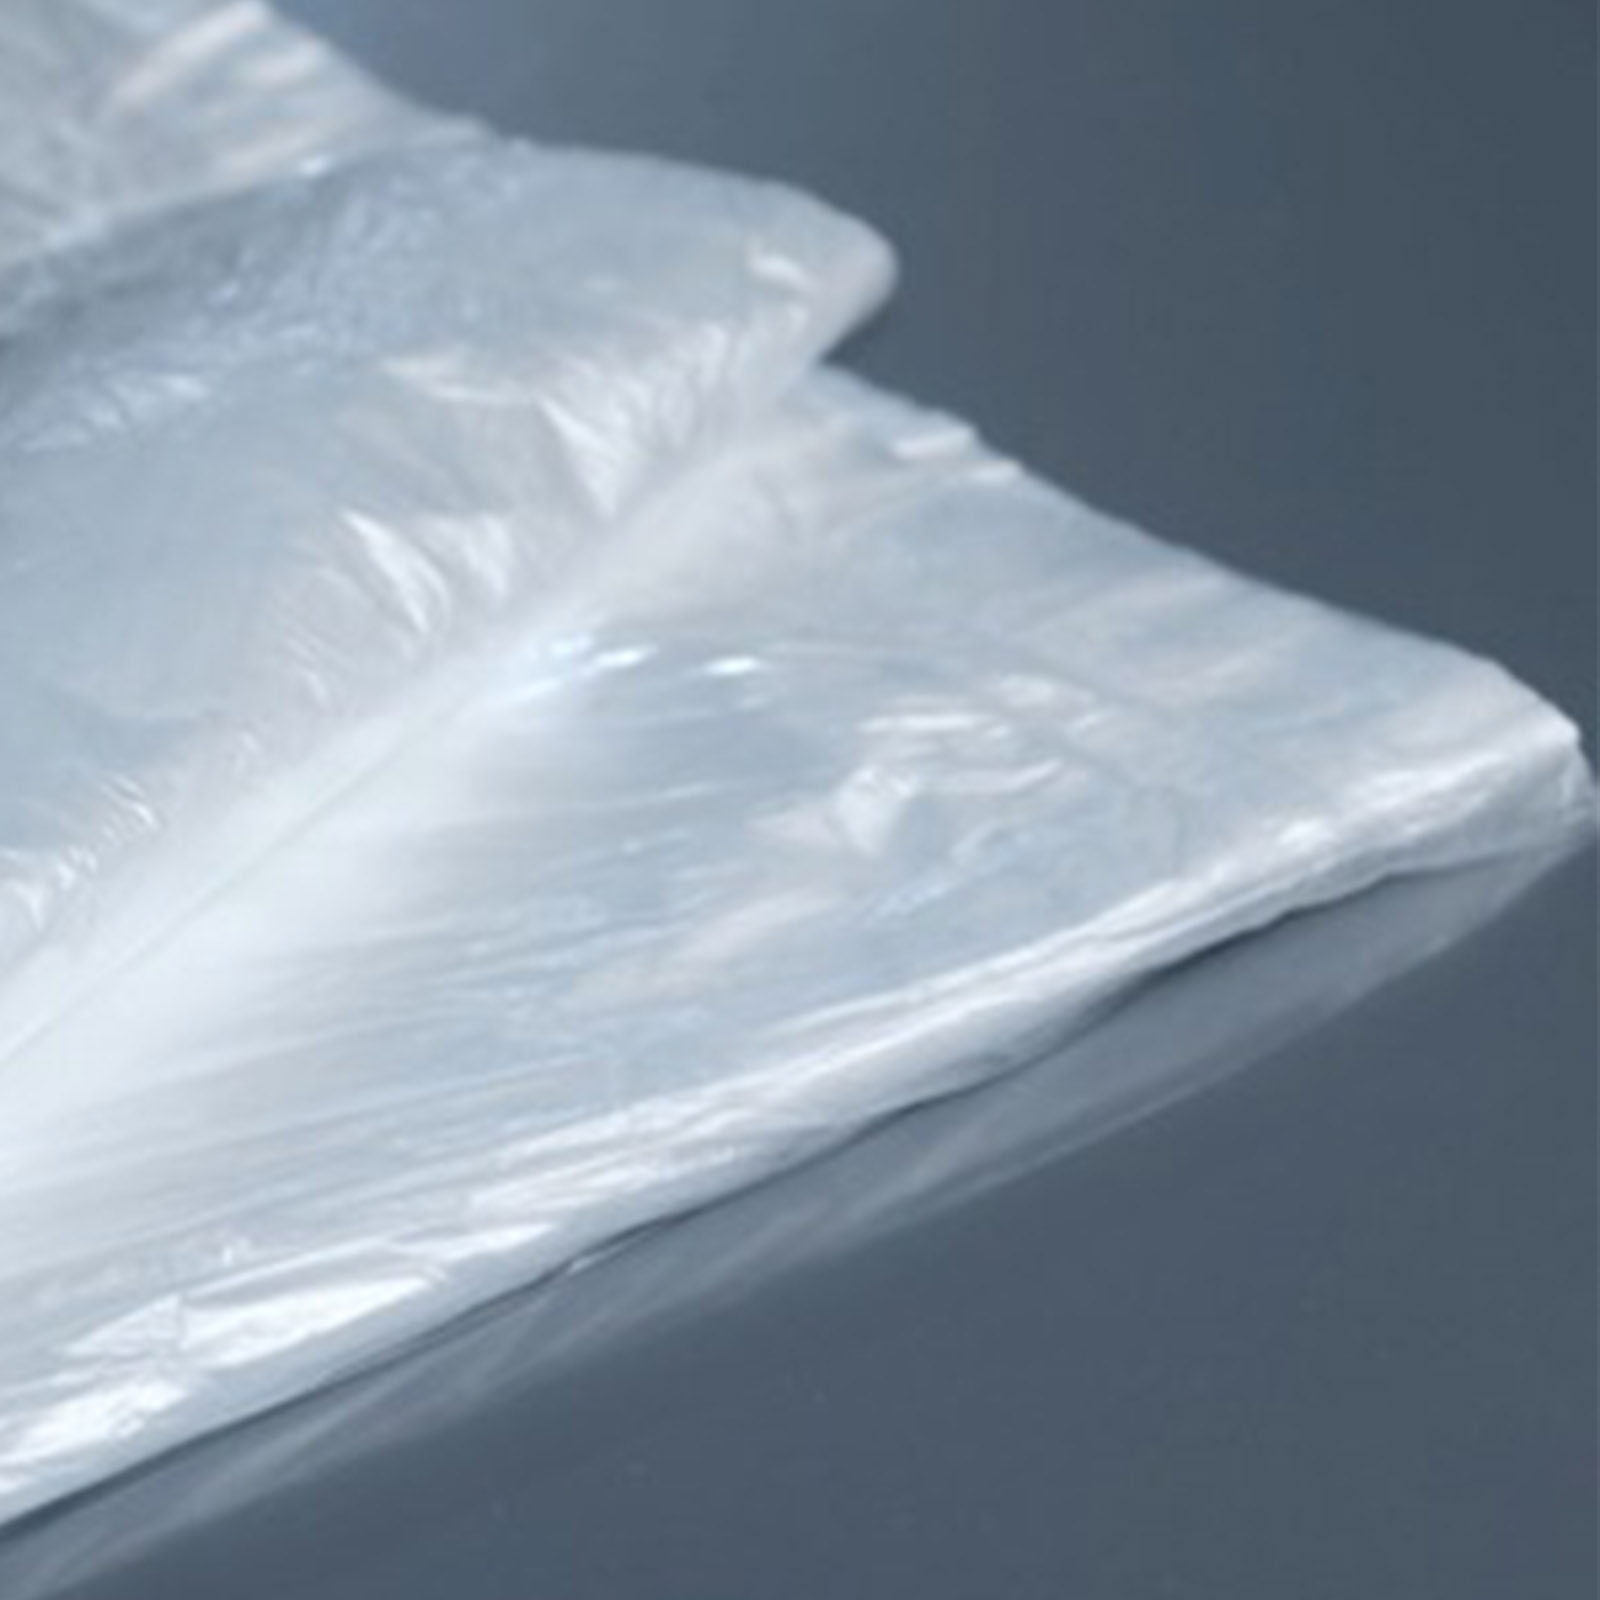 吹膜级降解材料应用-垃圾袋.jpg